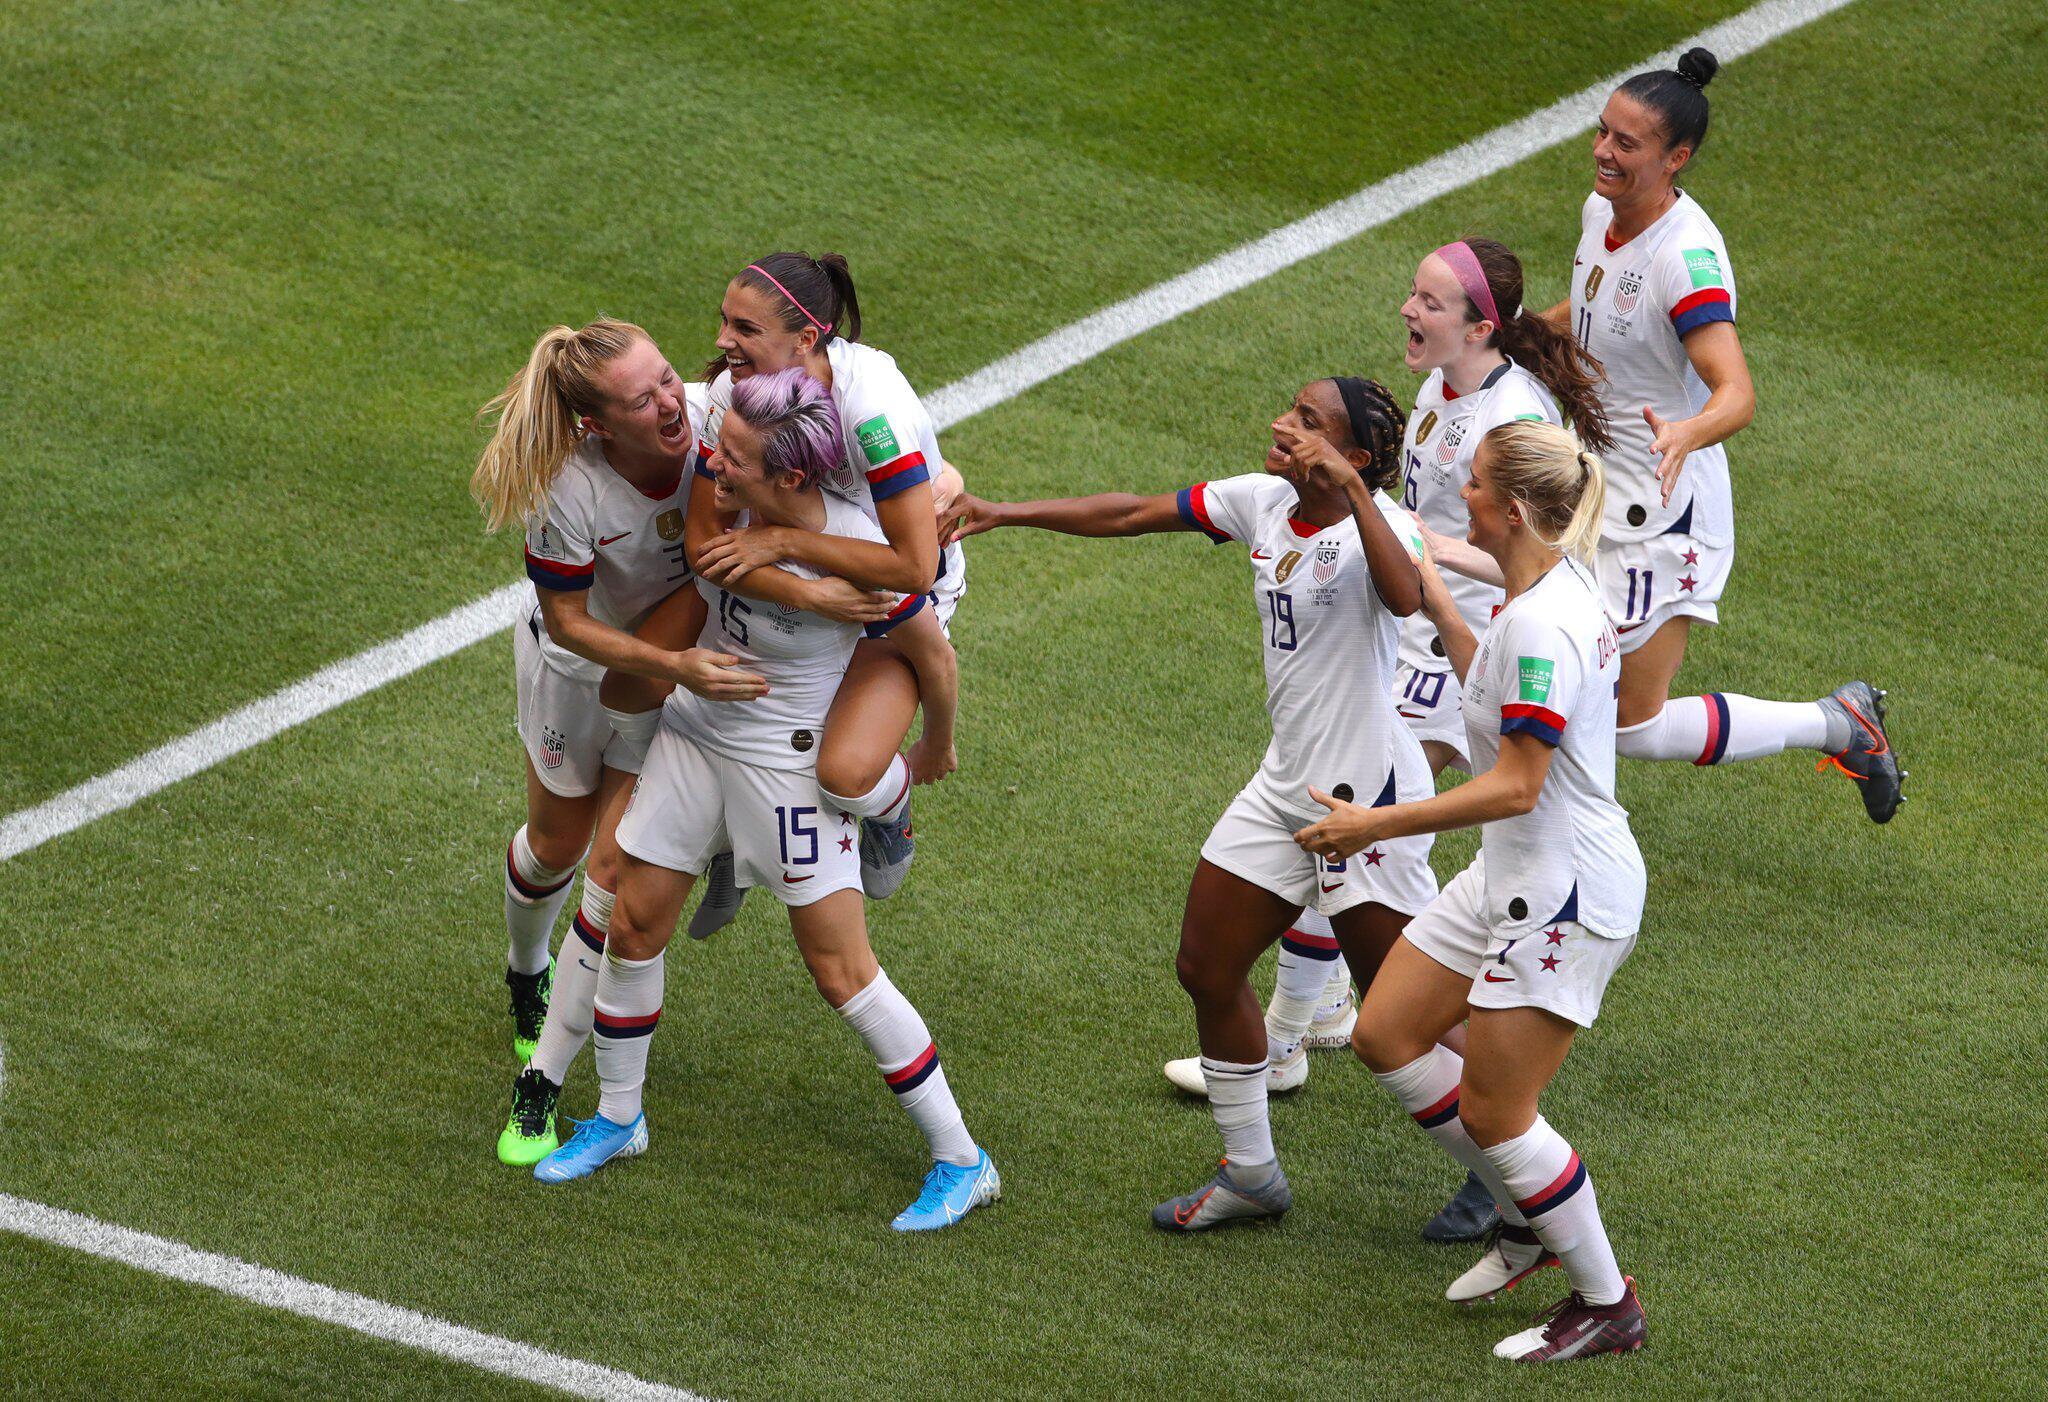 Bild zu Frauenfussball-WM - USA - Niederlande